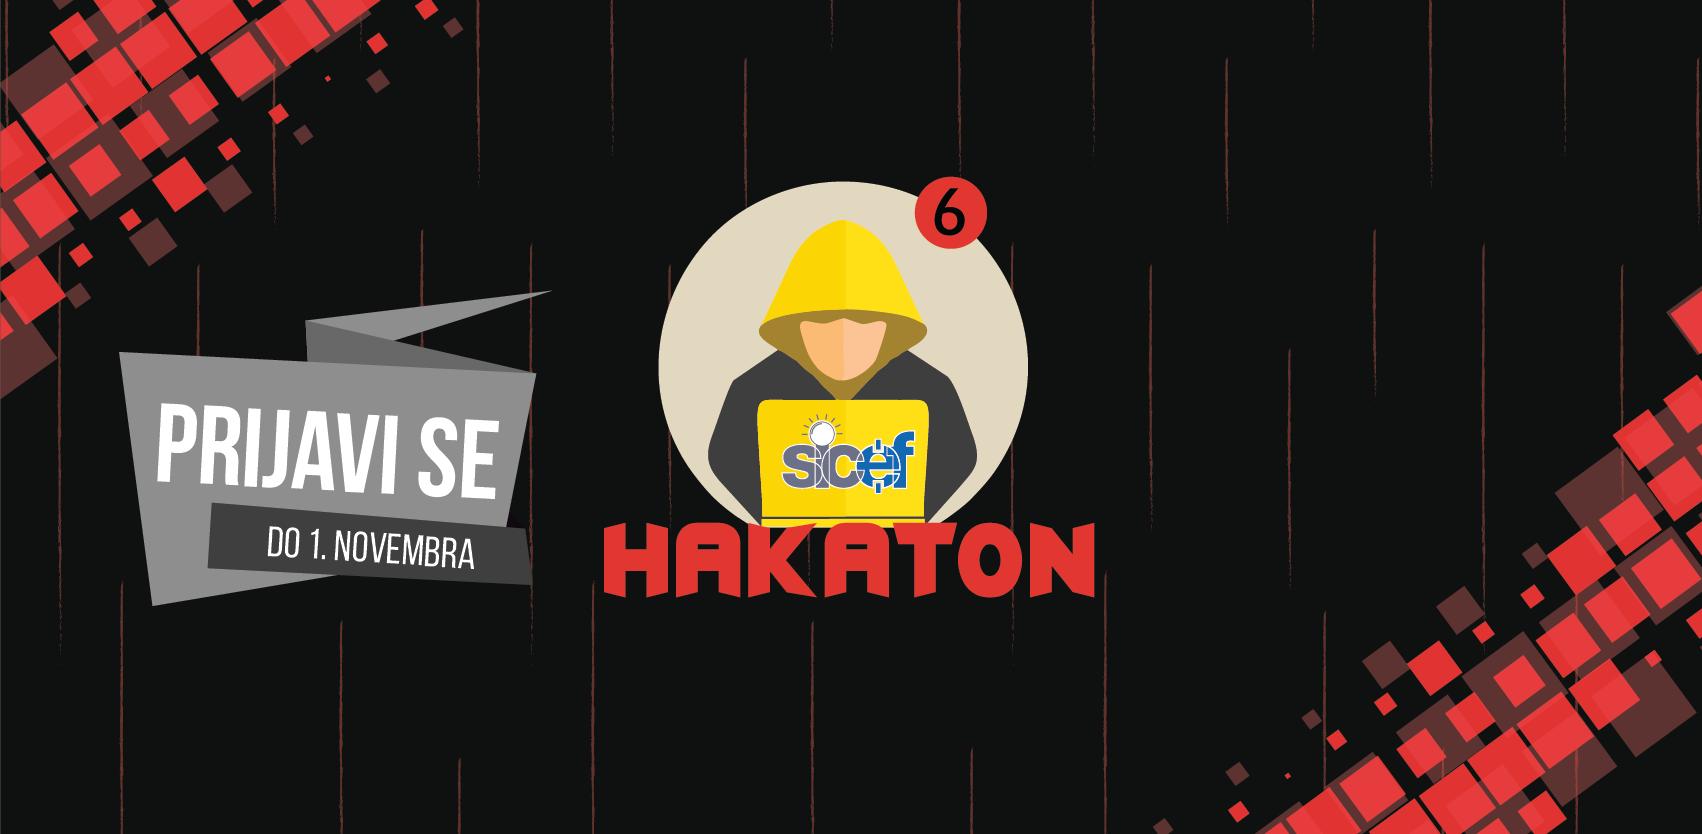 Prijavi se na Hakaton #6 takmičenje